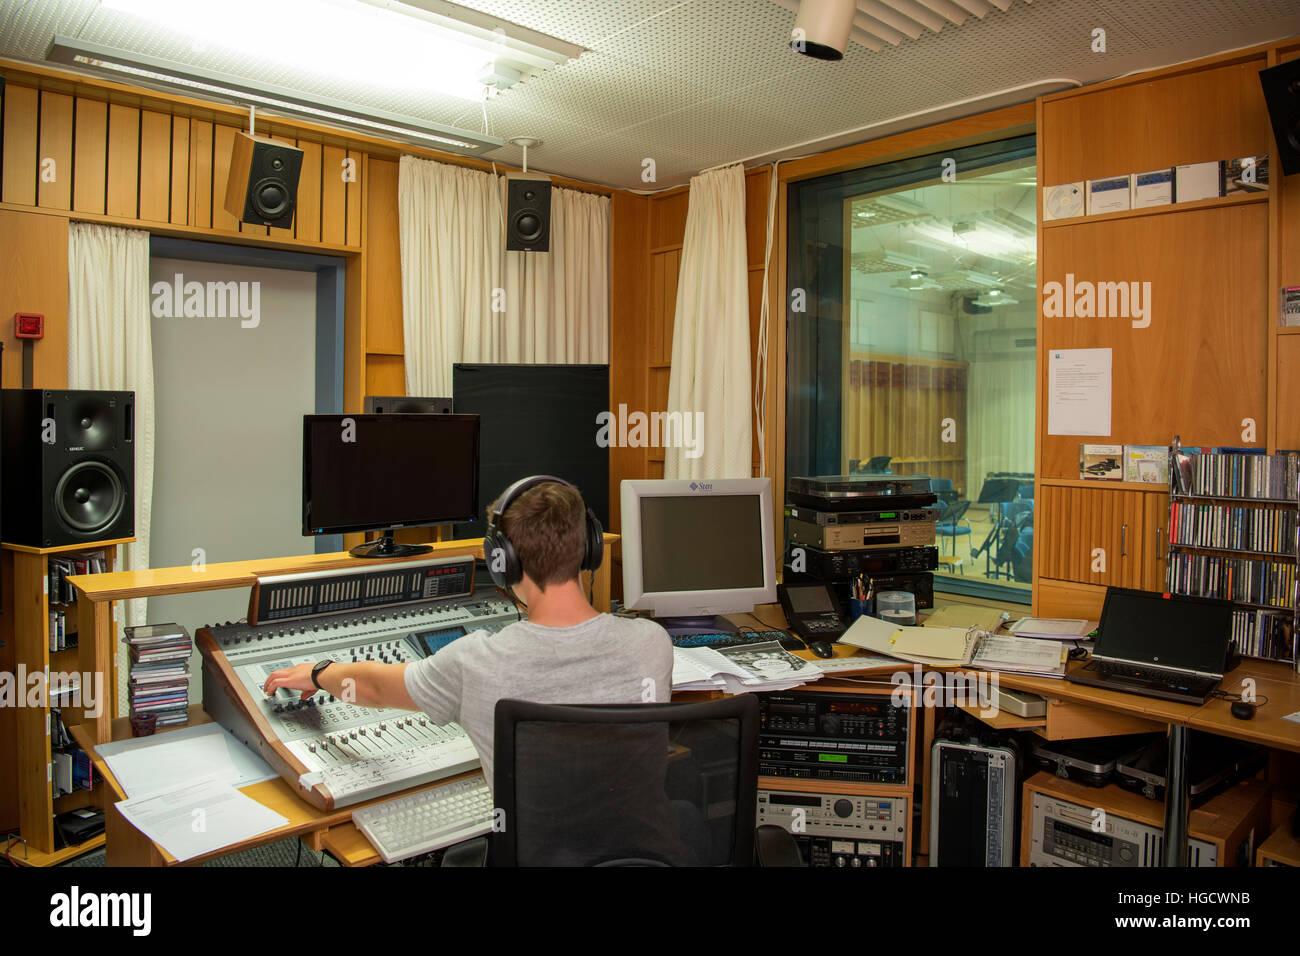 Deutschland, Nordrhein-Westfalen, Kreis Borken, Heek-Nienborg, Landesmusikakademie NRW (LMA), Tonstudio - Stock Image